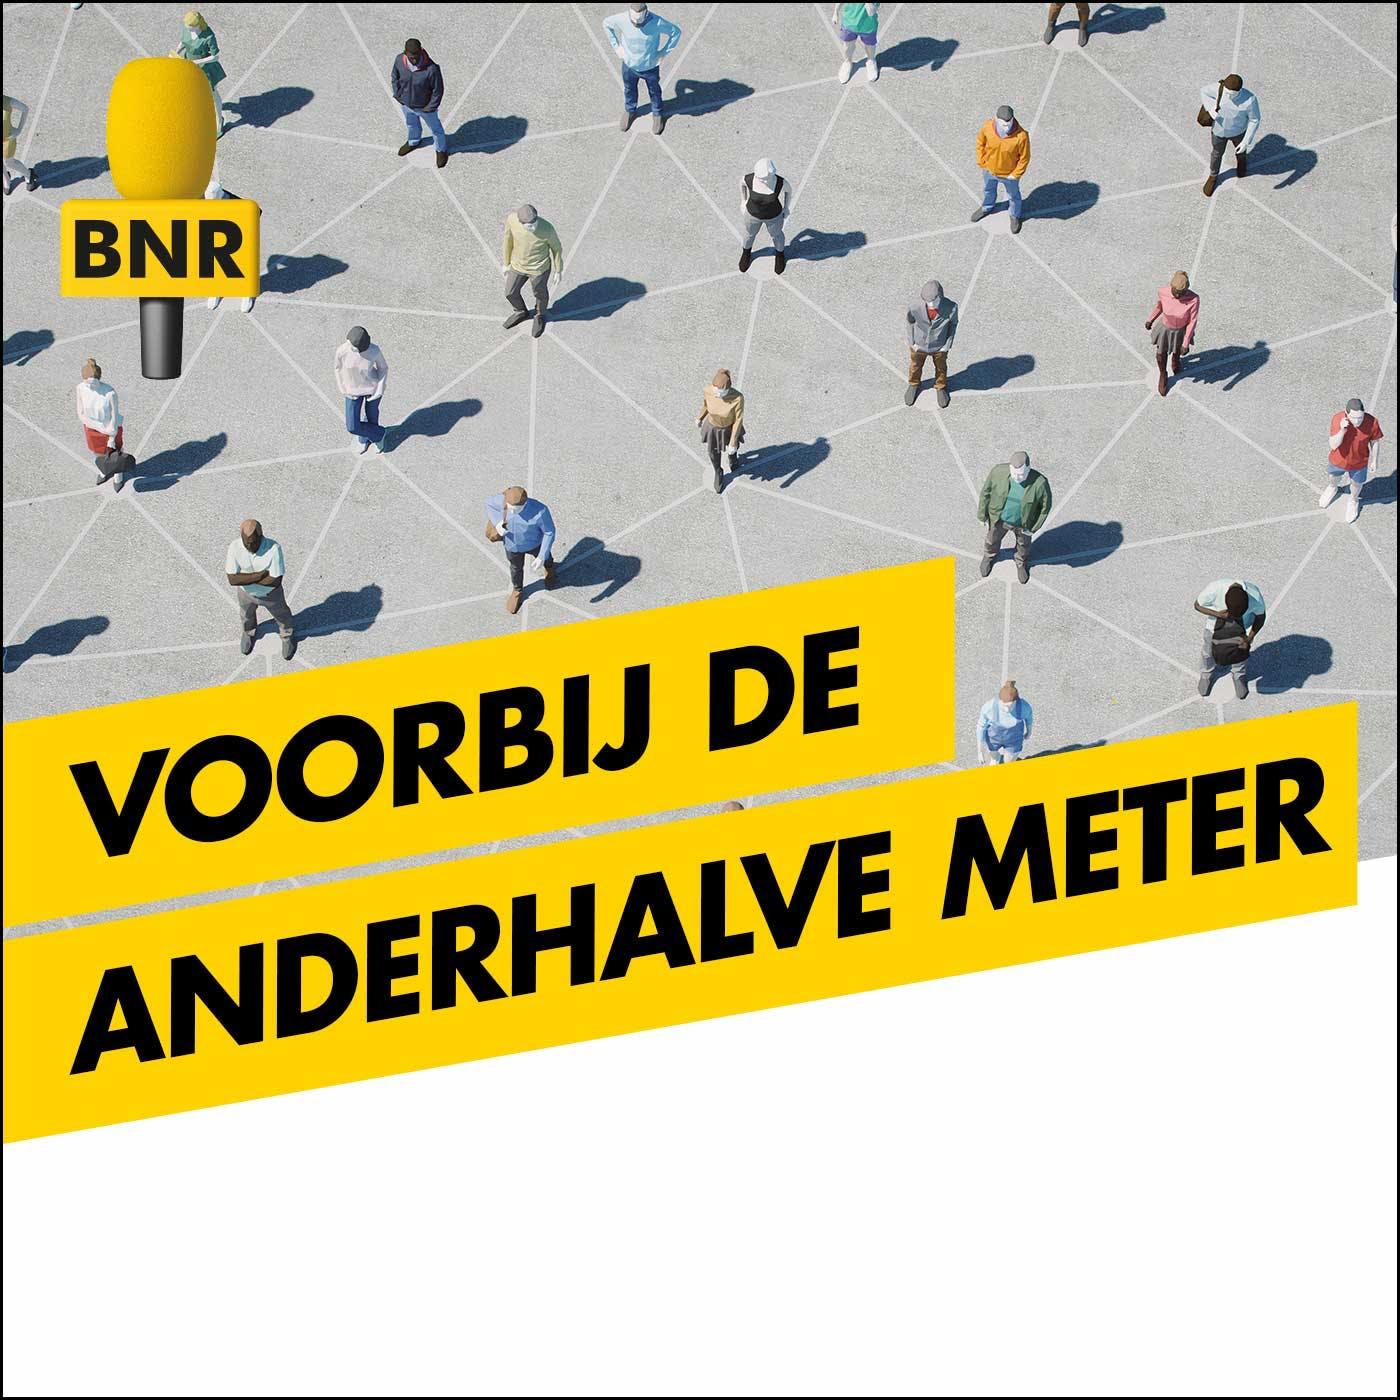 Voorbij de Anderhalve Meter | BNR logo